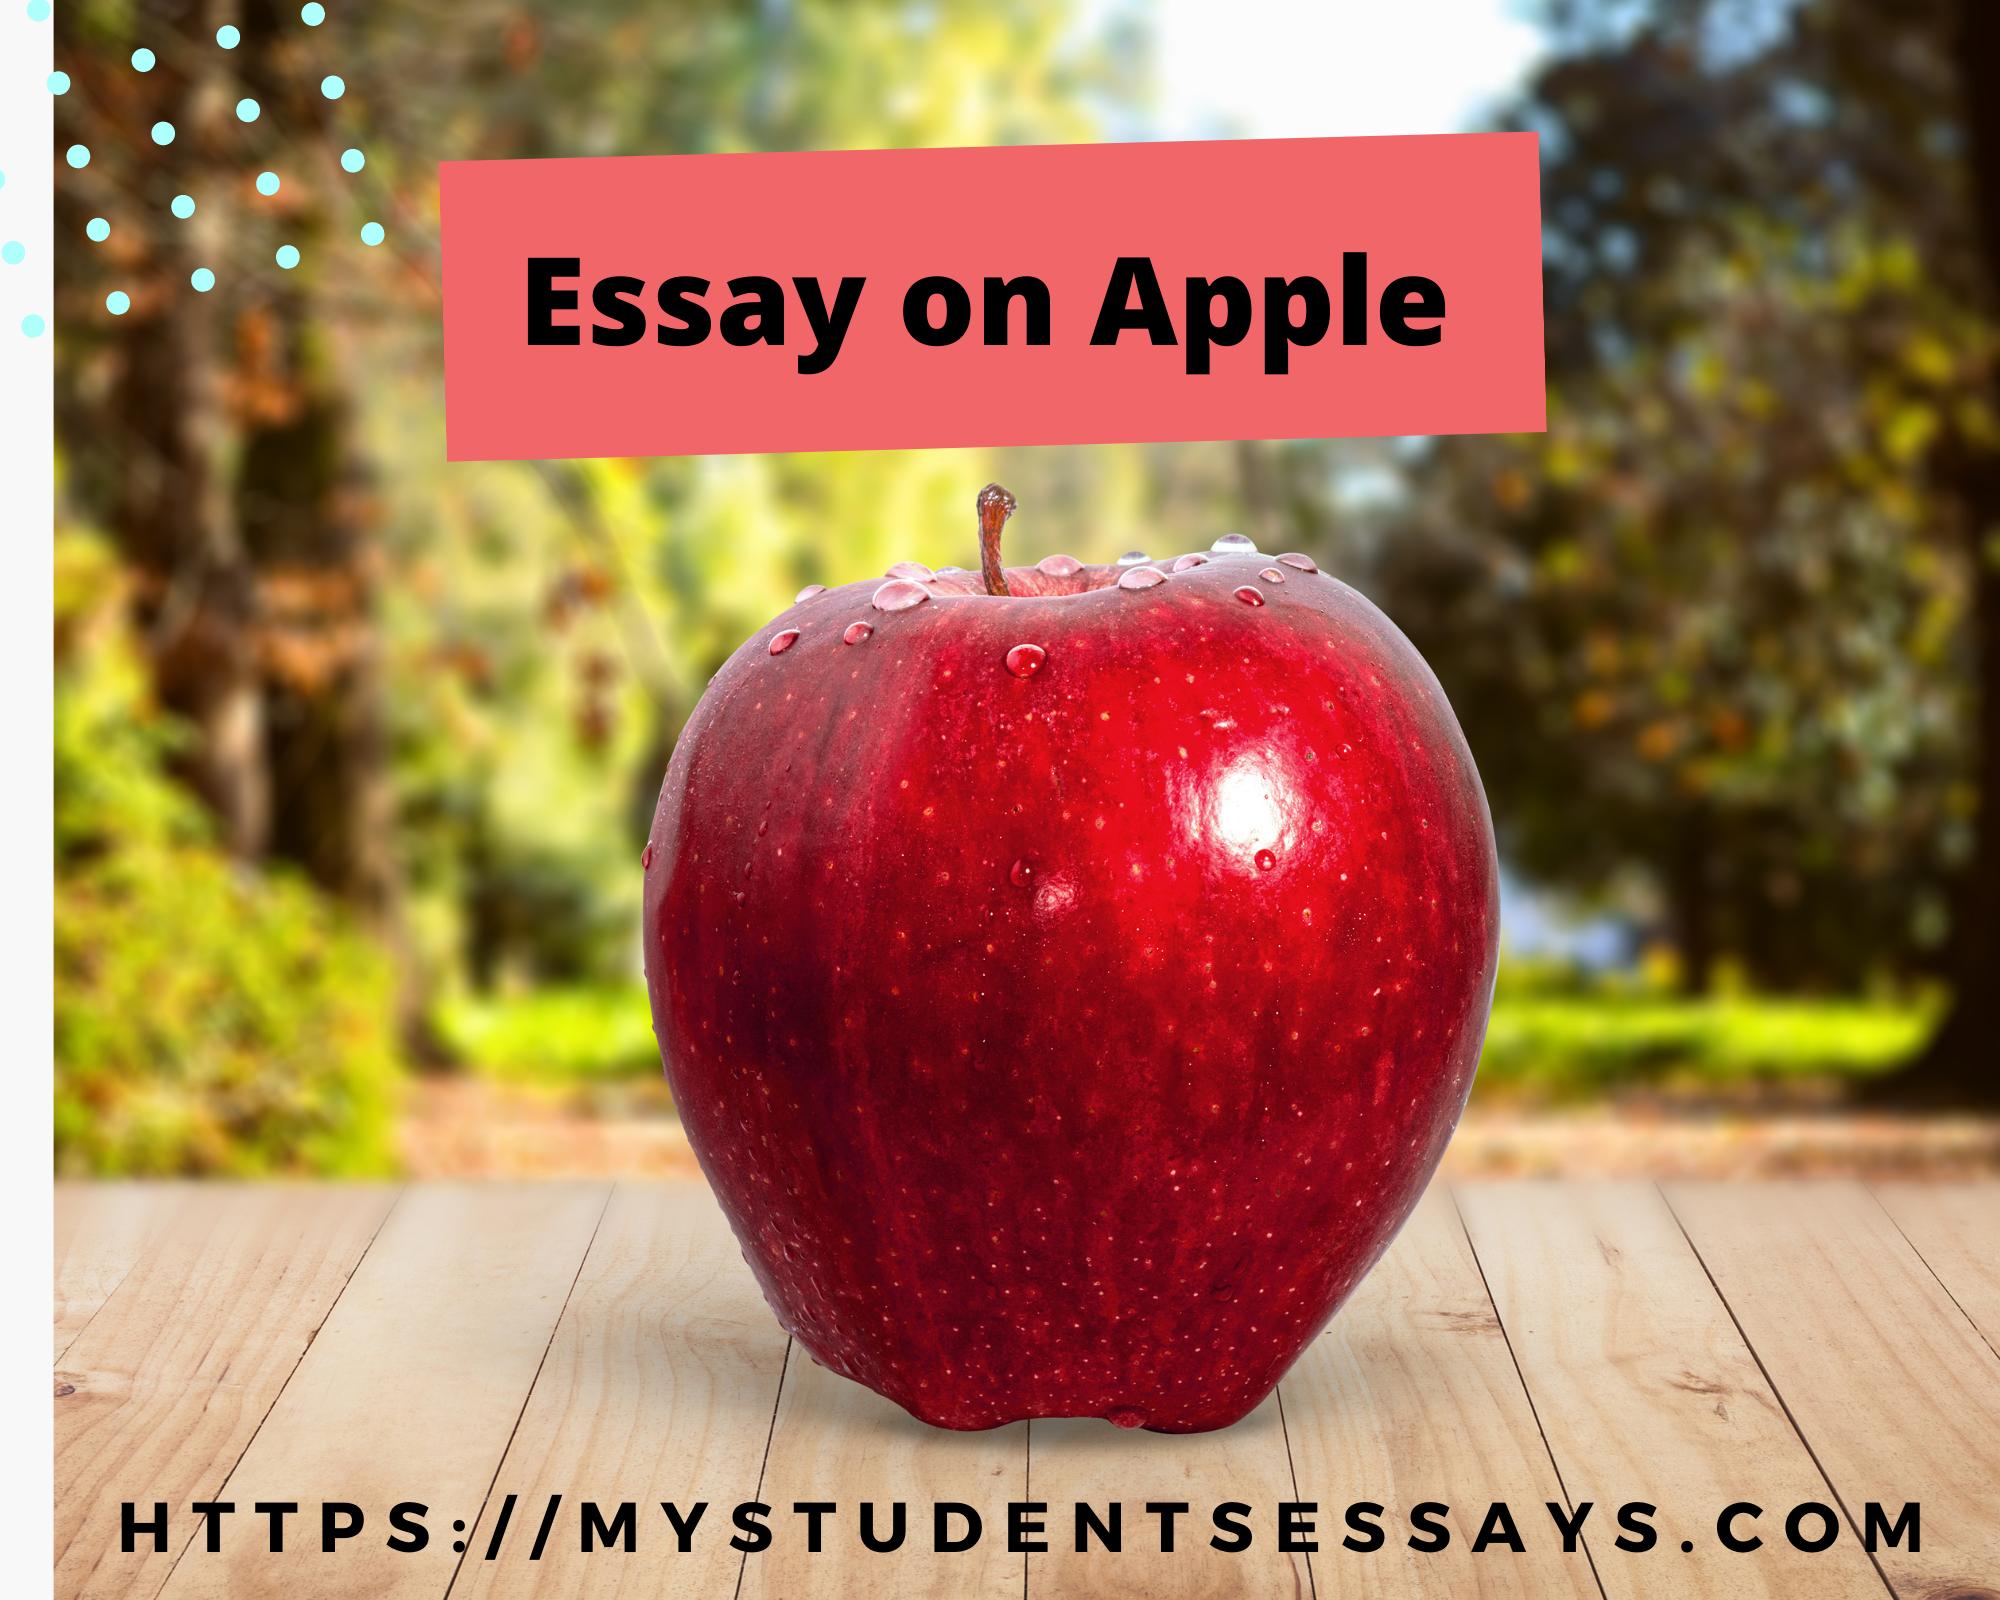 Essay on Apple